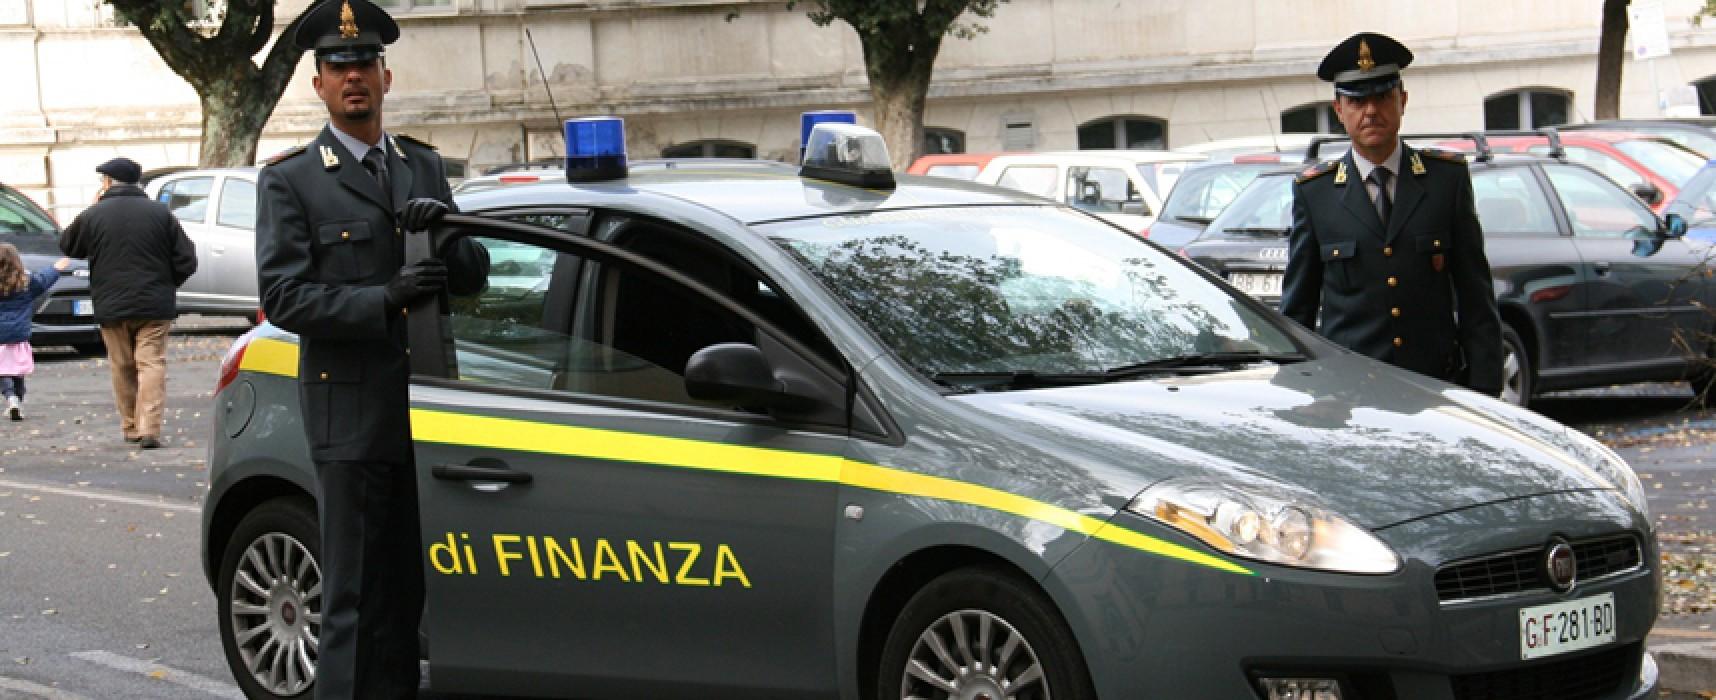 Evasione da 9 milioni di euro di una concessionaria d'auto biscegliese scoperta dalla Guardia di Finanza